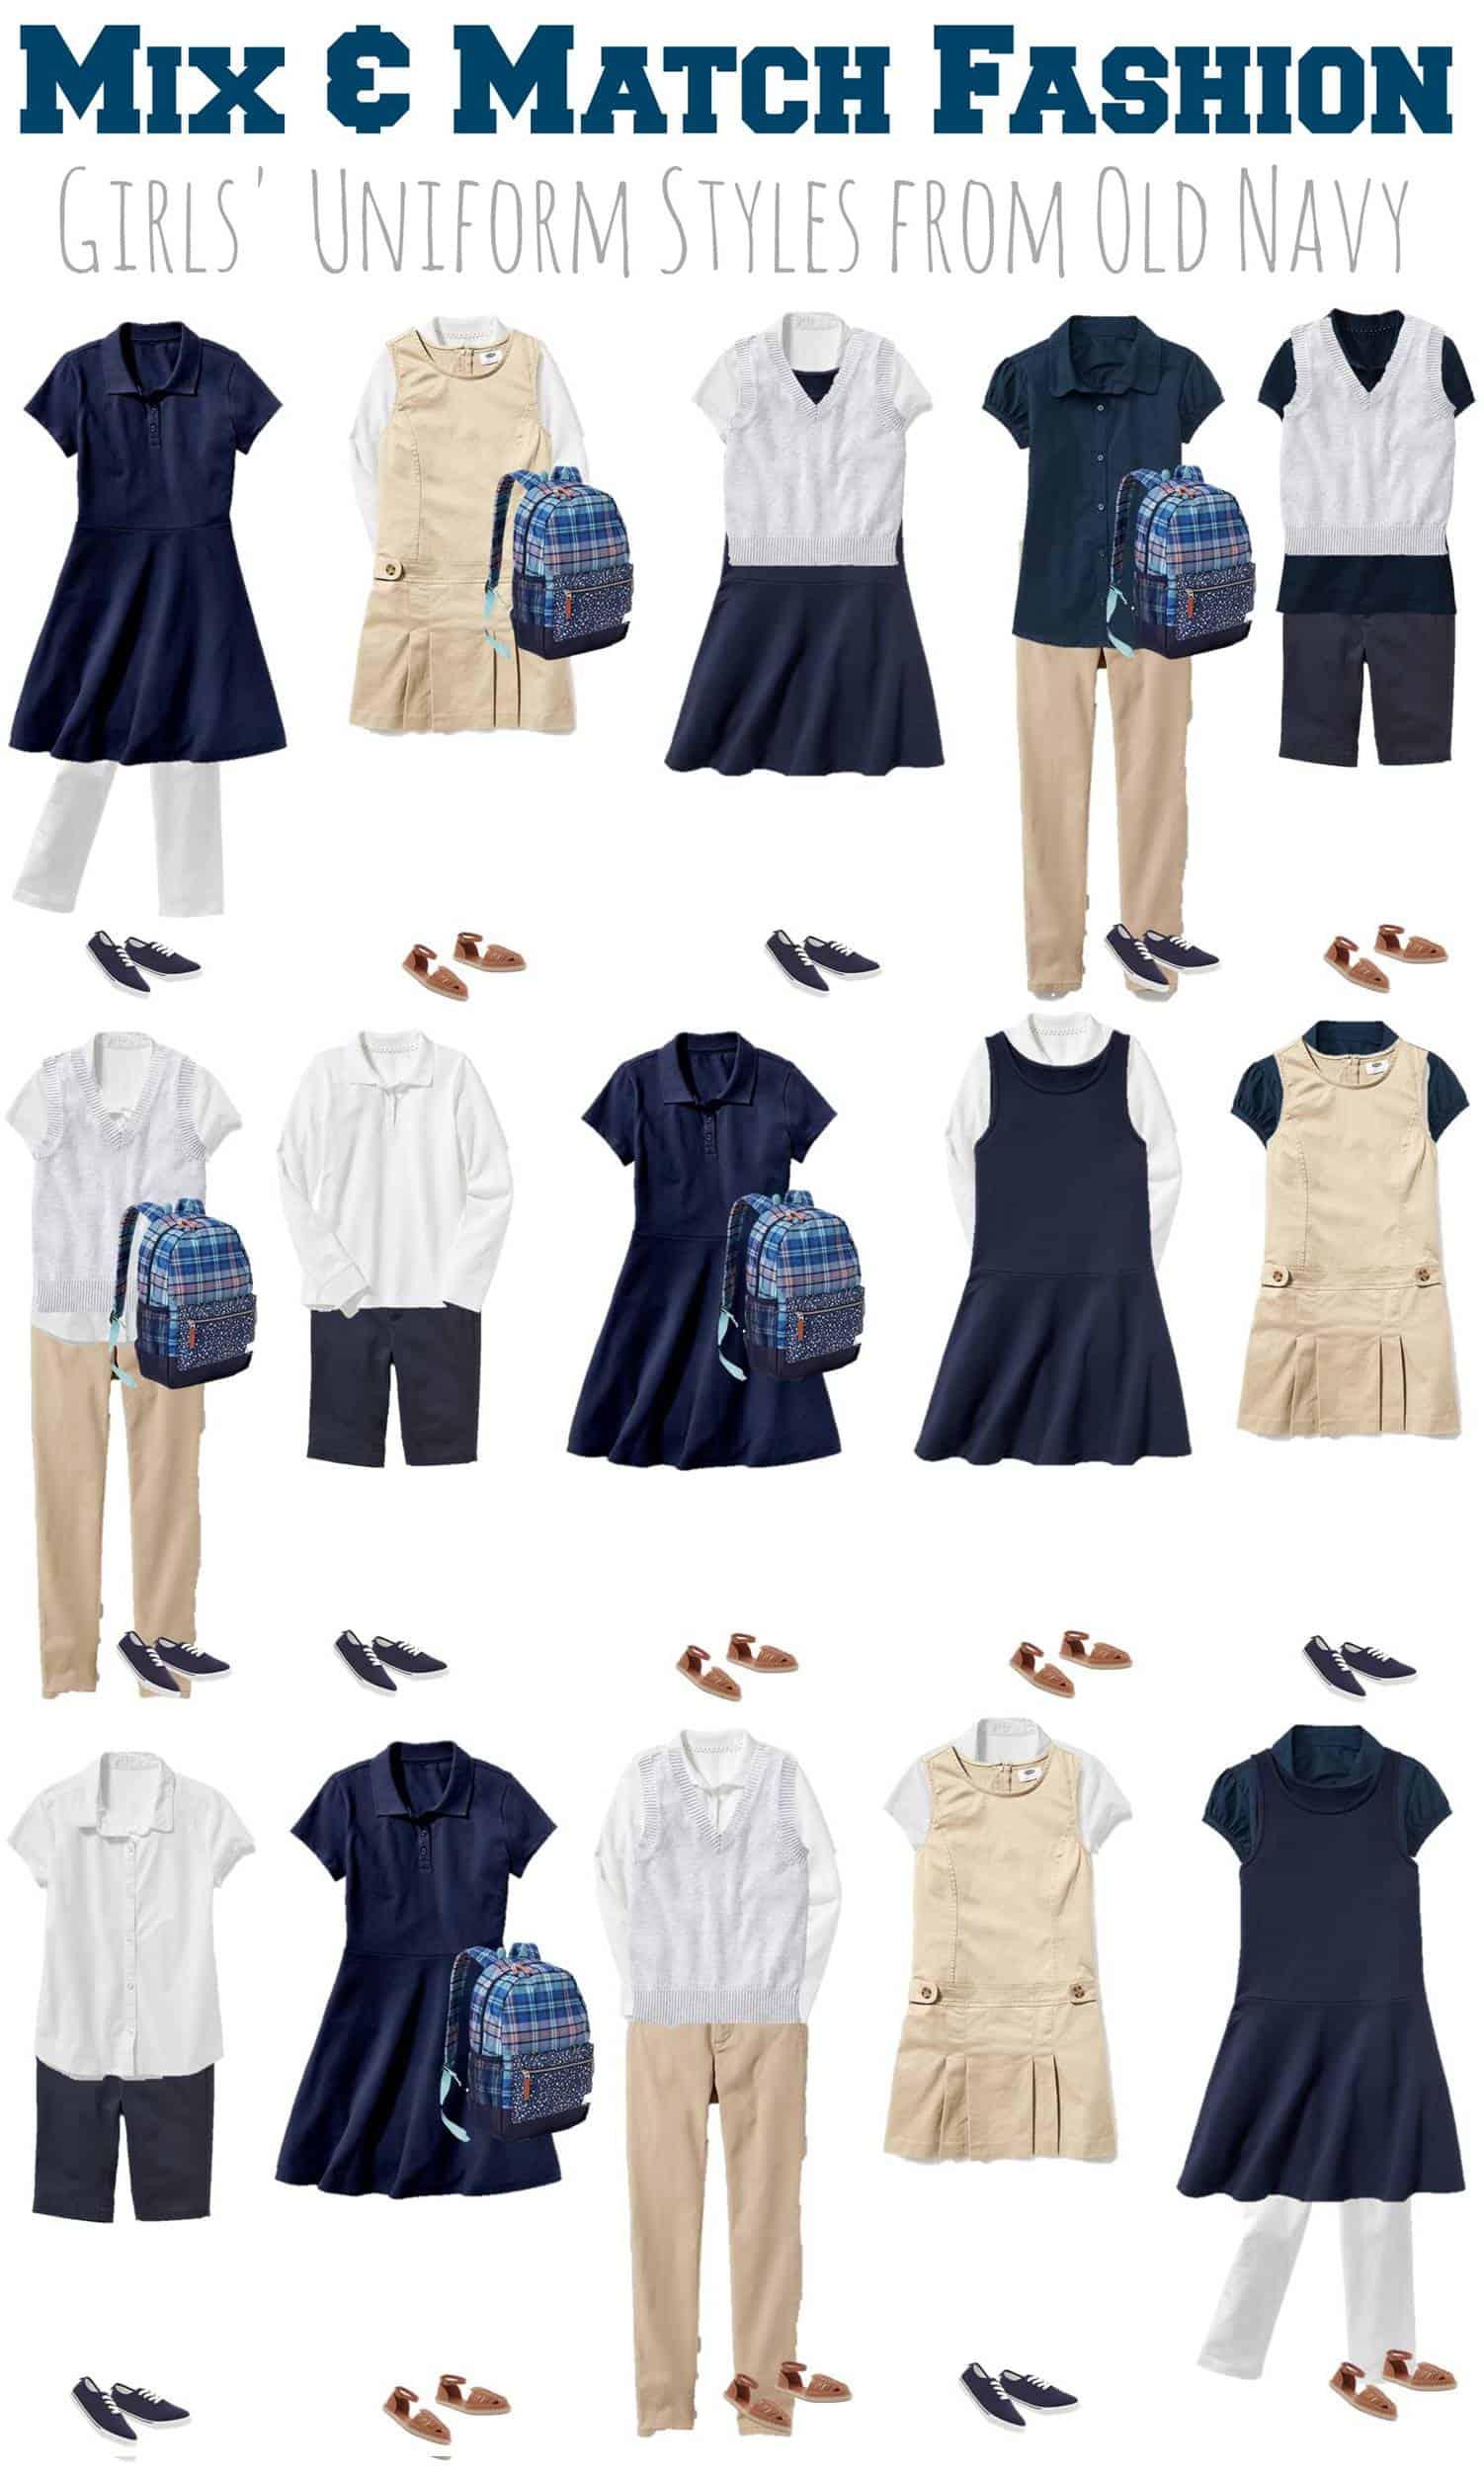 Mix & Match School Uniforms for Girls